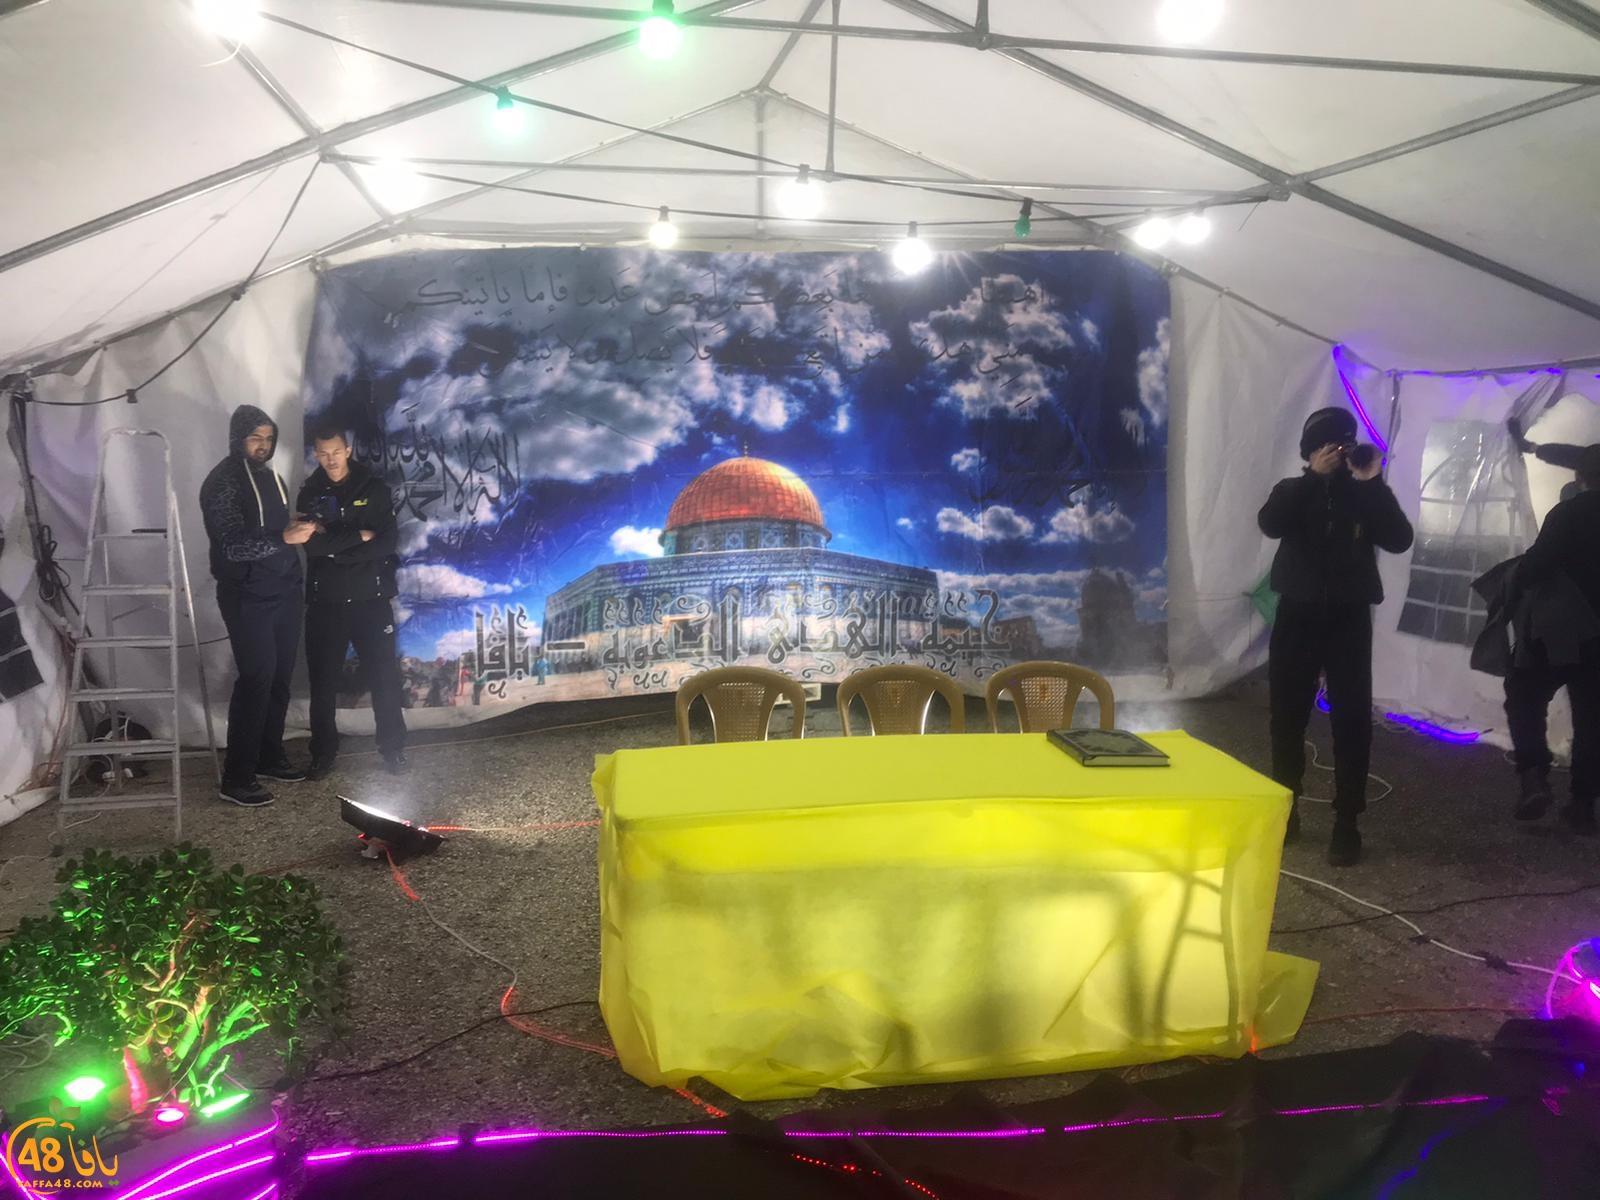 بالصور: خيمة الهدى تنظّم أمسية دعويّة في ضيافة عائلة بوبلي بيافا